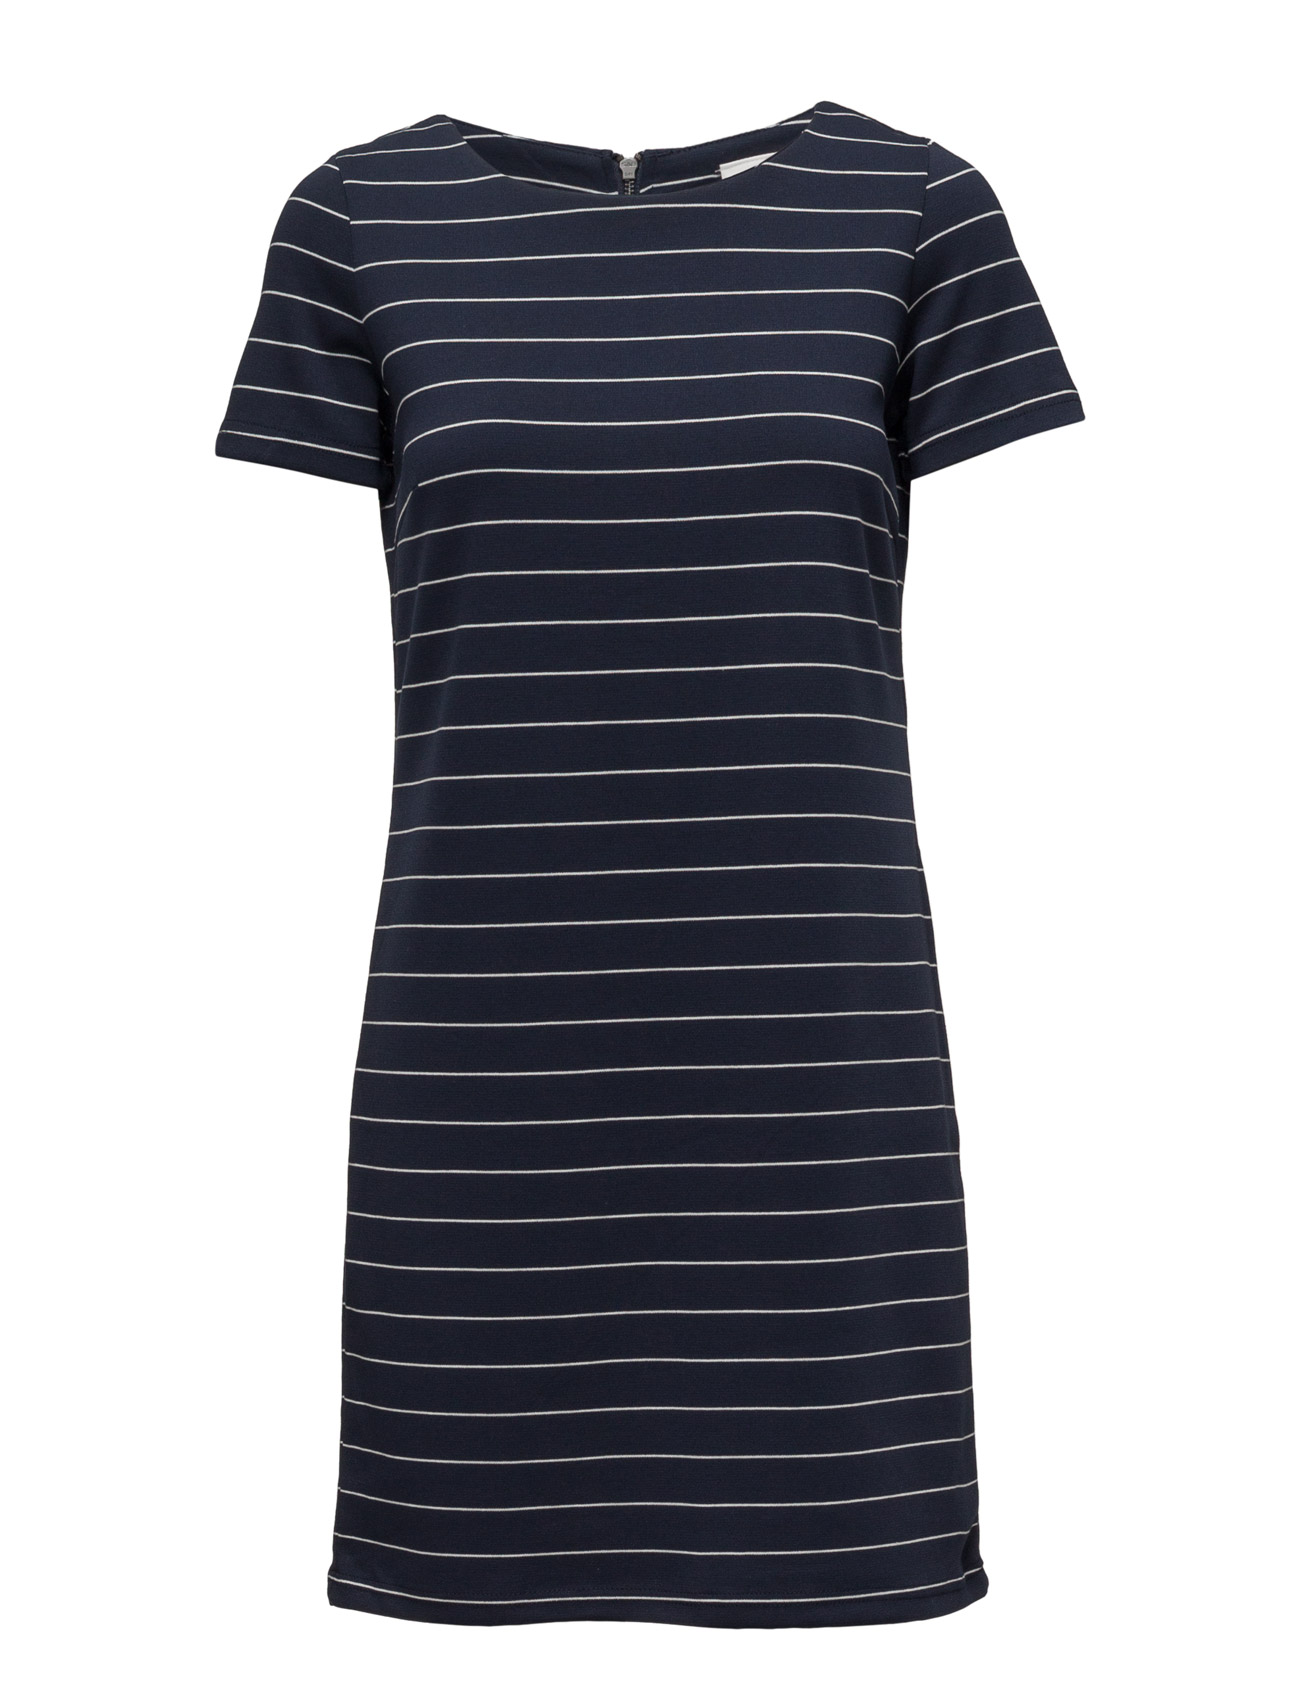 7b4e858bcd23 Vitinny New S S Dress Vila Korte kjoler til Damer i